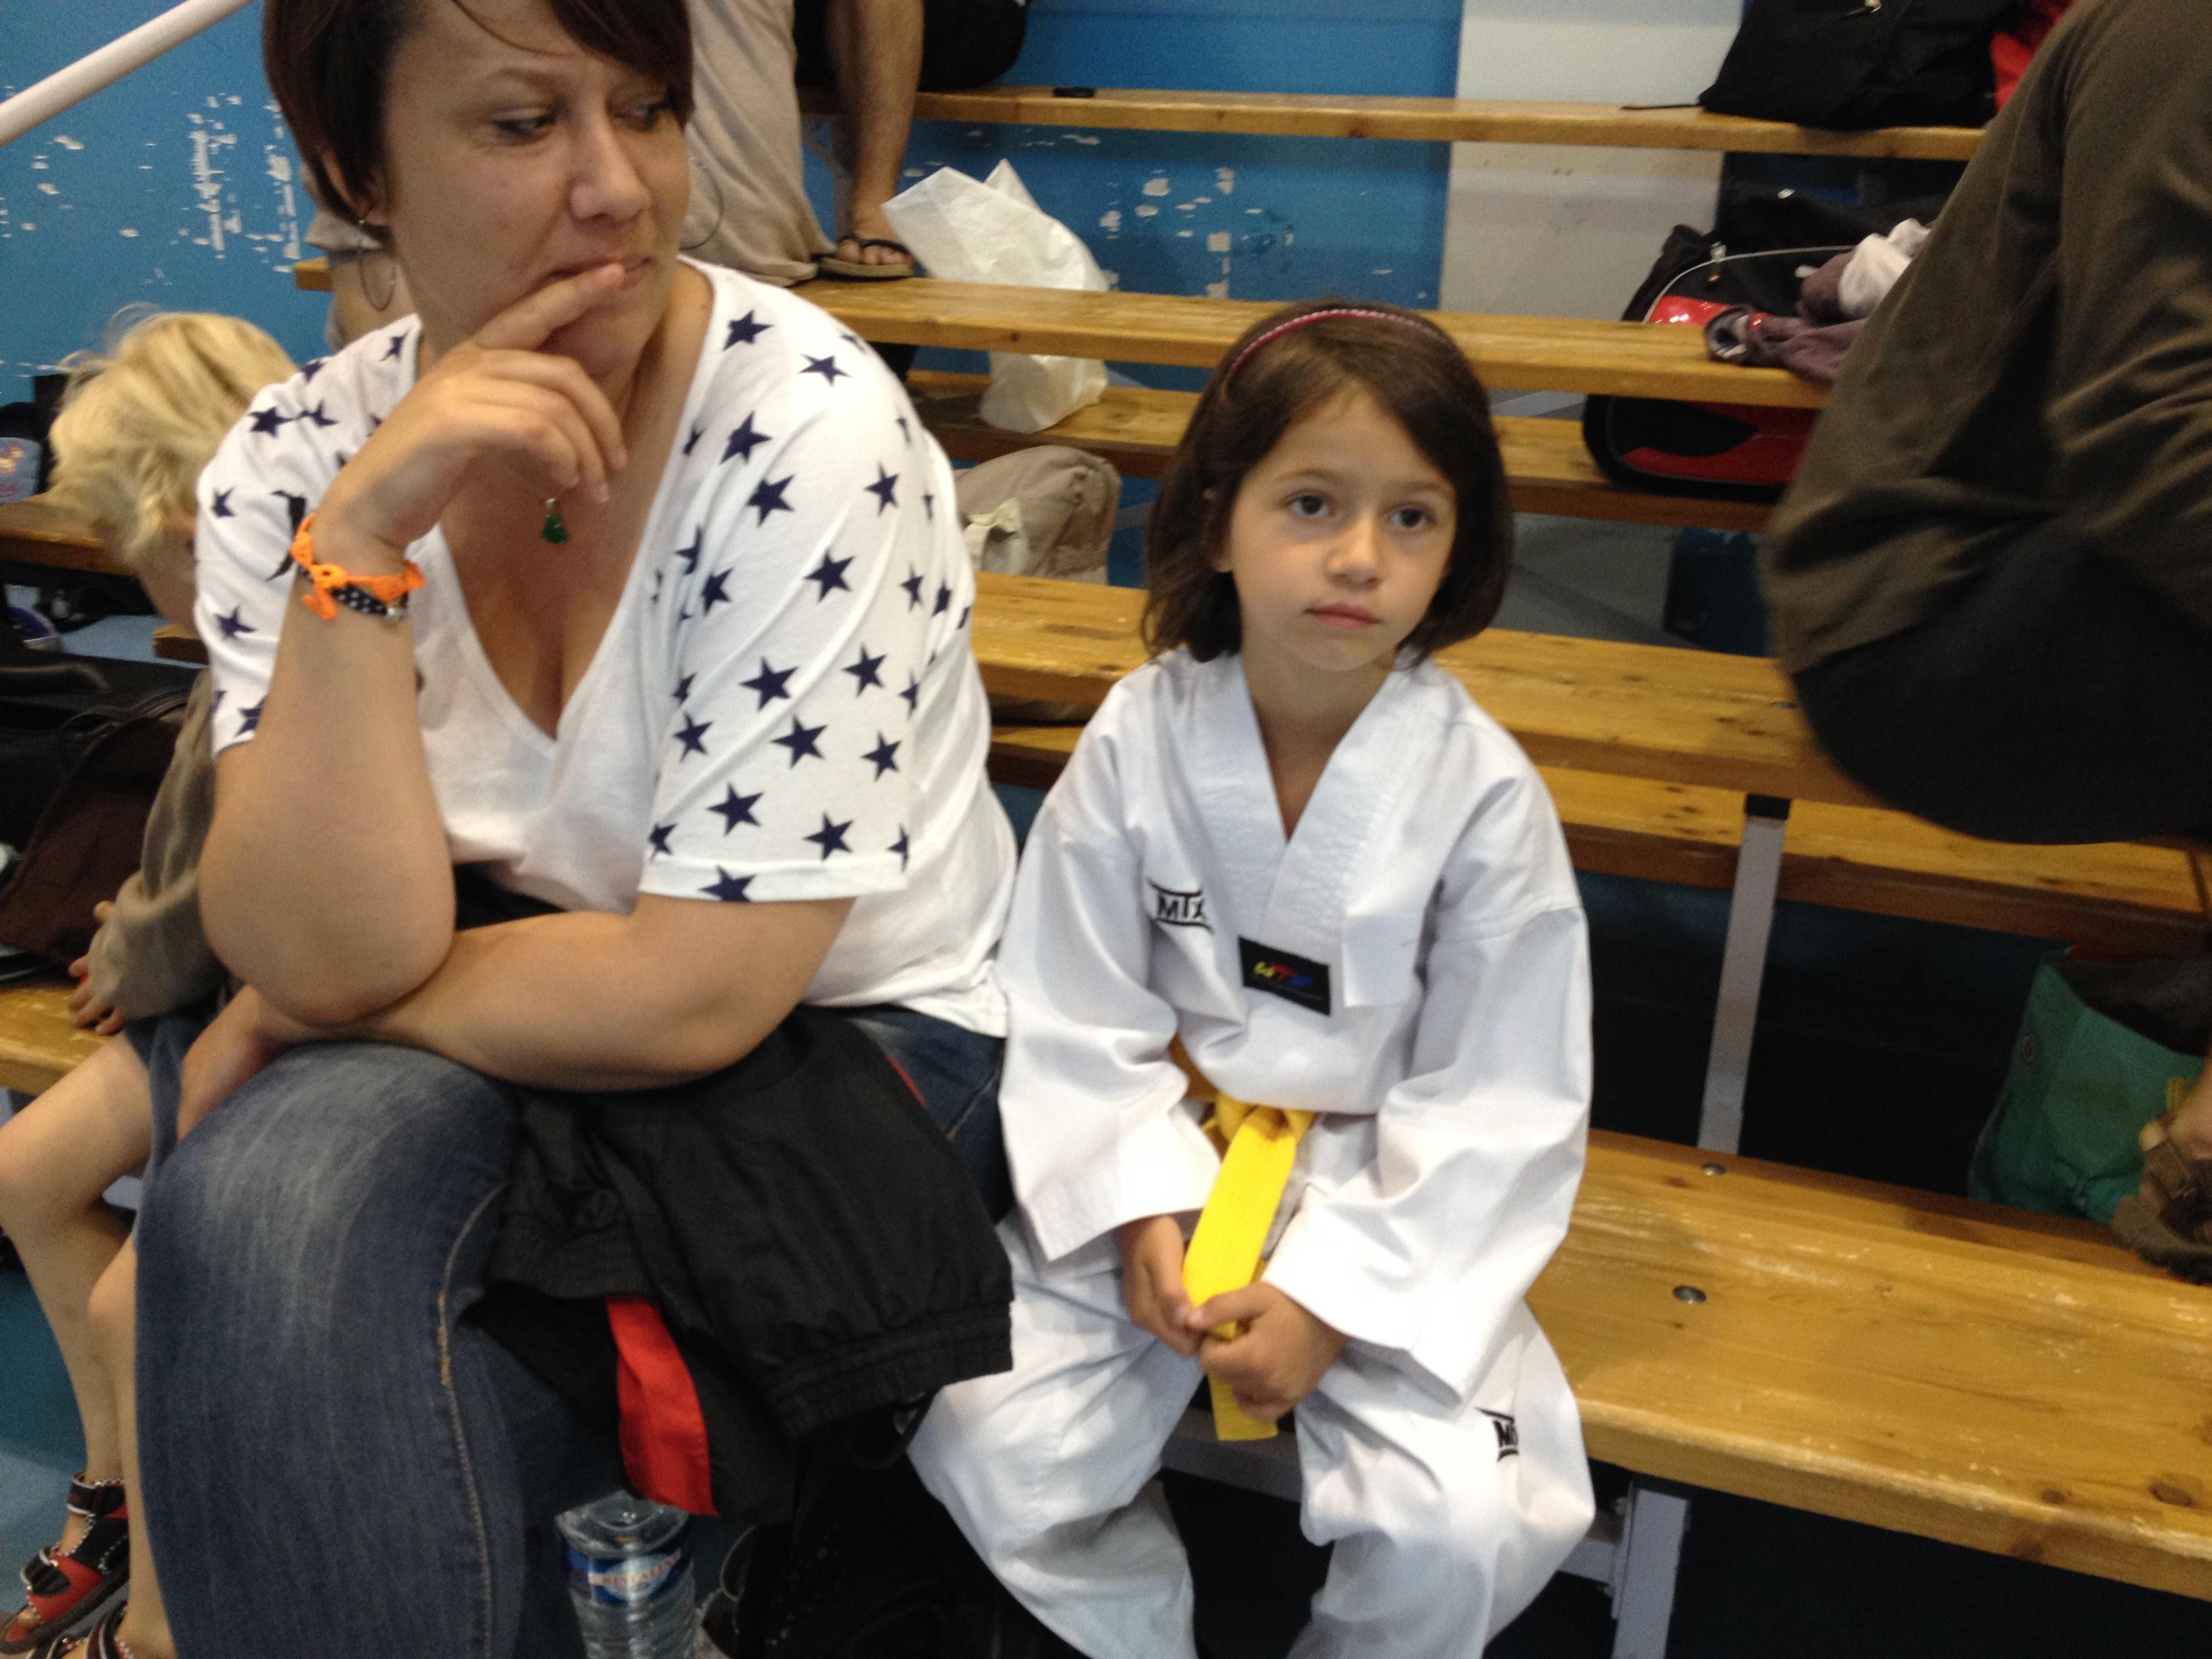 Compétition Taekwondo initiation enfants Aquitaine-Gironde 2014